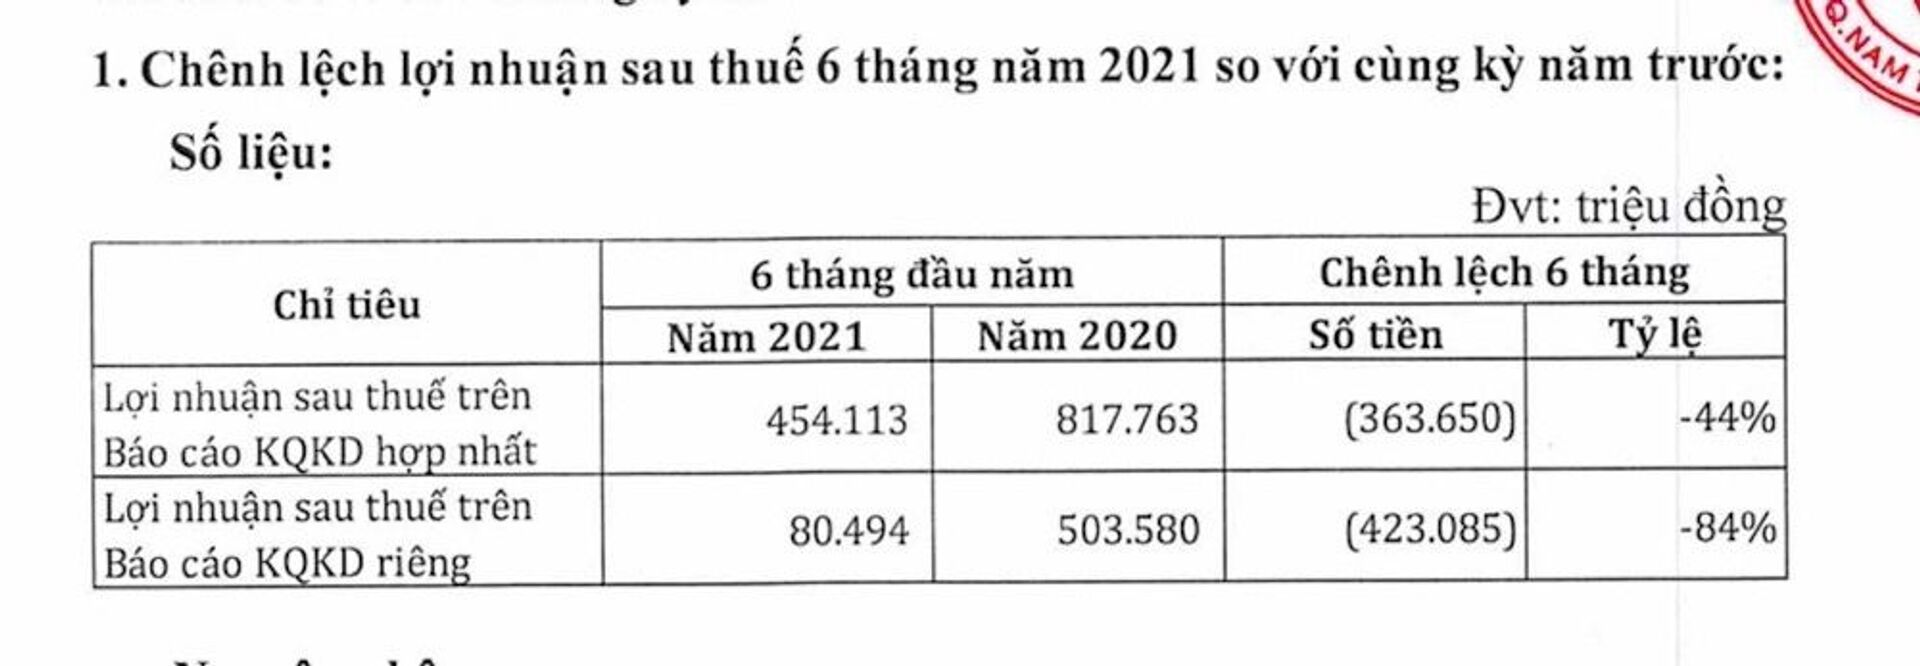 Chênh lệch lợi nhuận sau thuế 6 tháng năm 2021 so với cùng kỳ năm trước. - Sputnik Việt Nam, 1920, 05.10.2021